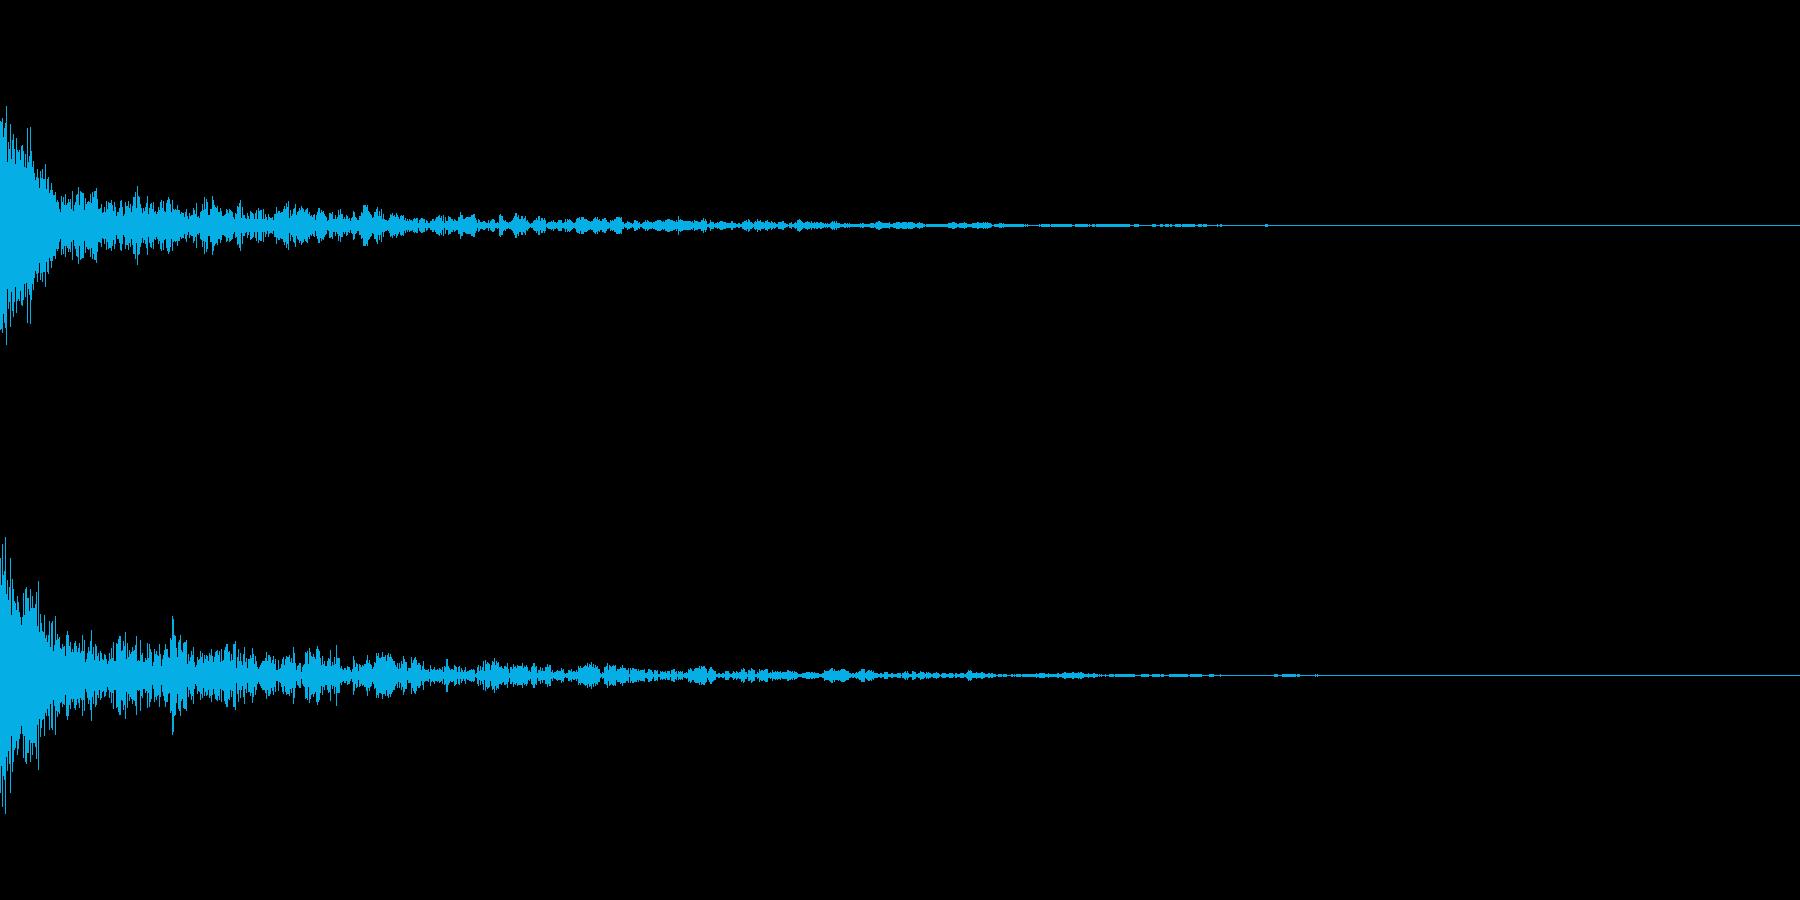 ドーン-42-1(インパクト音)の再生済みの波形